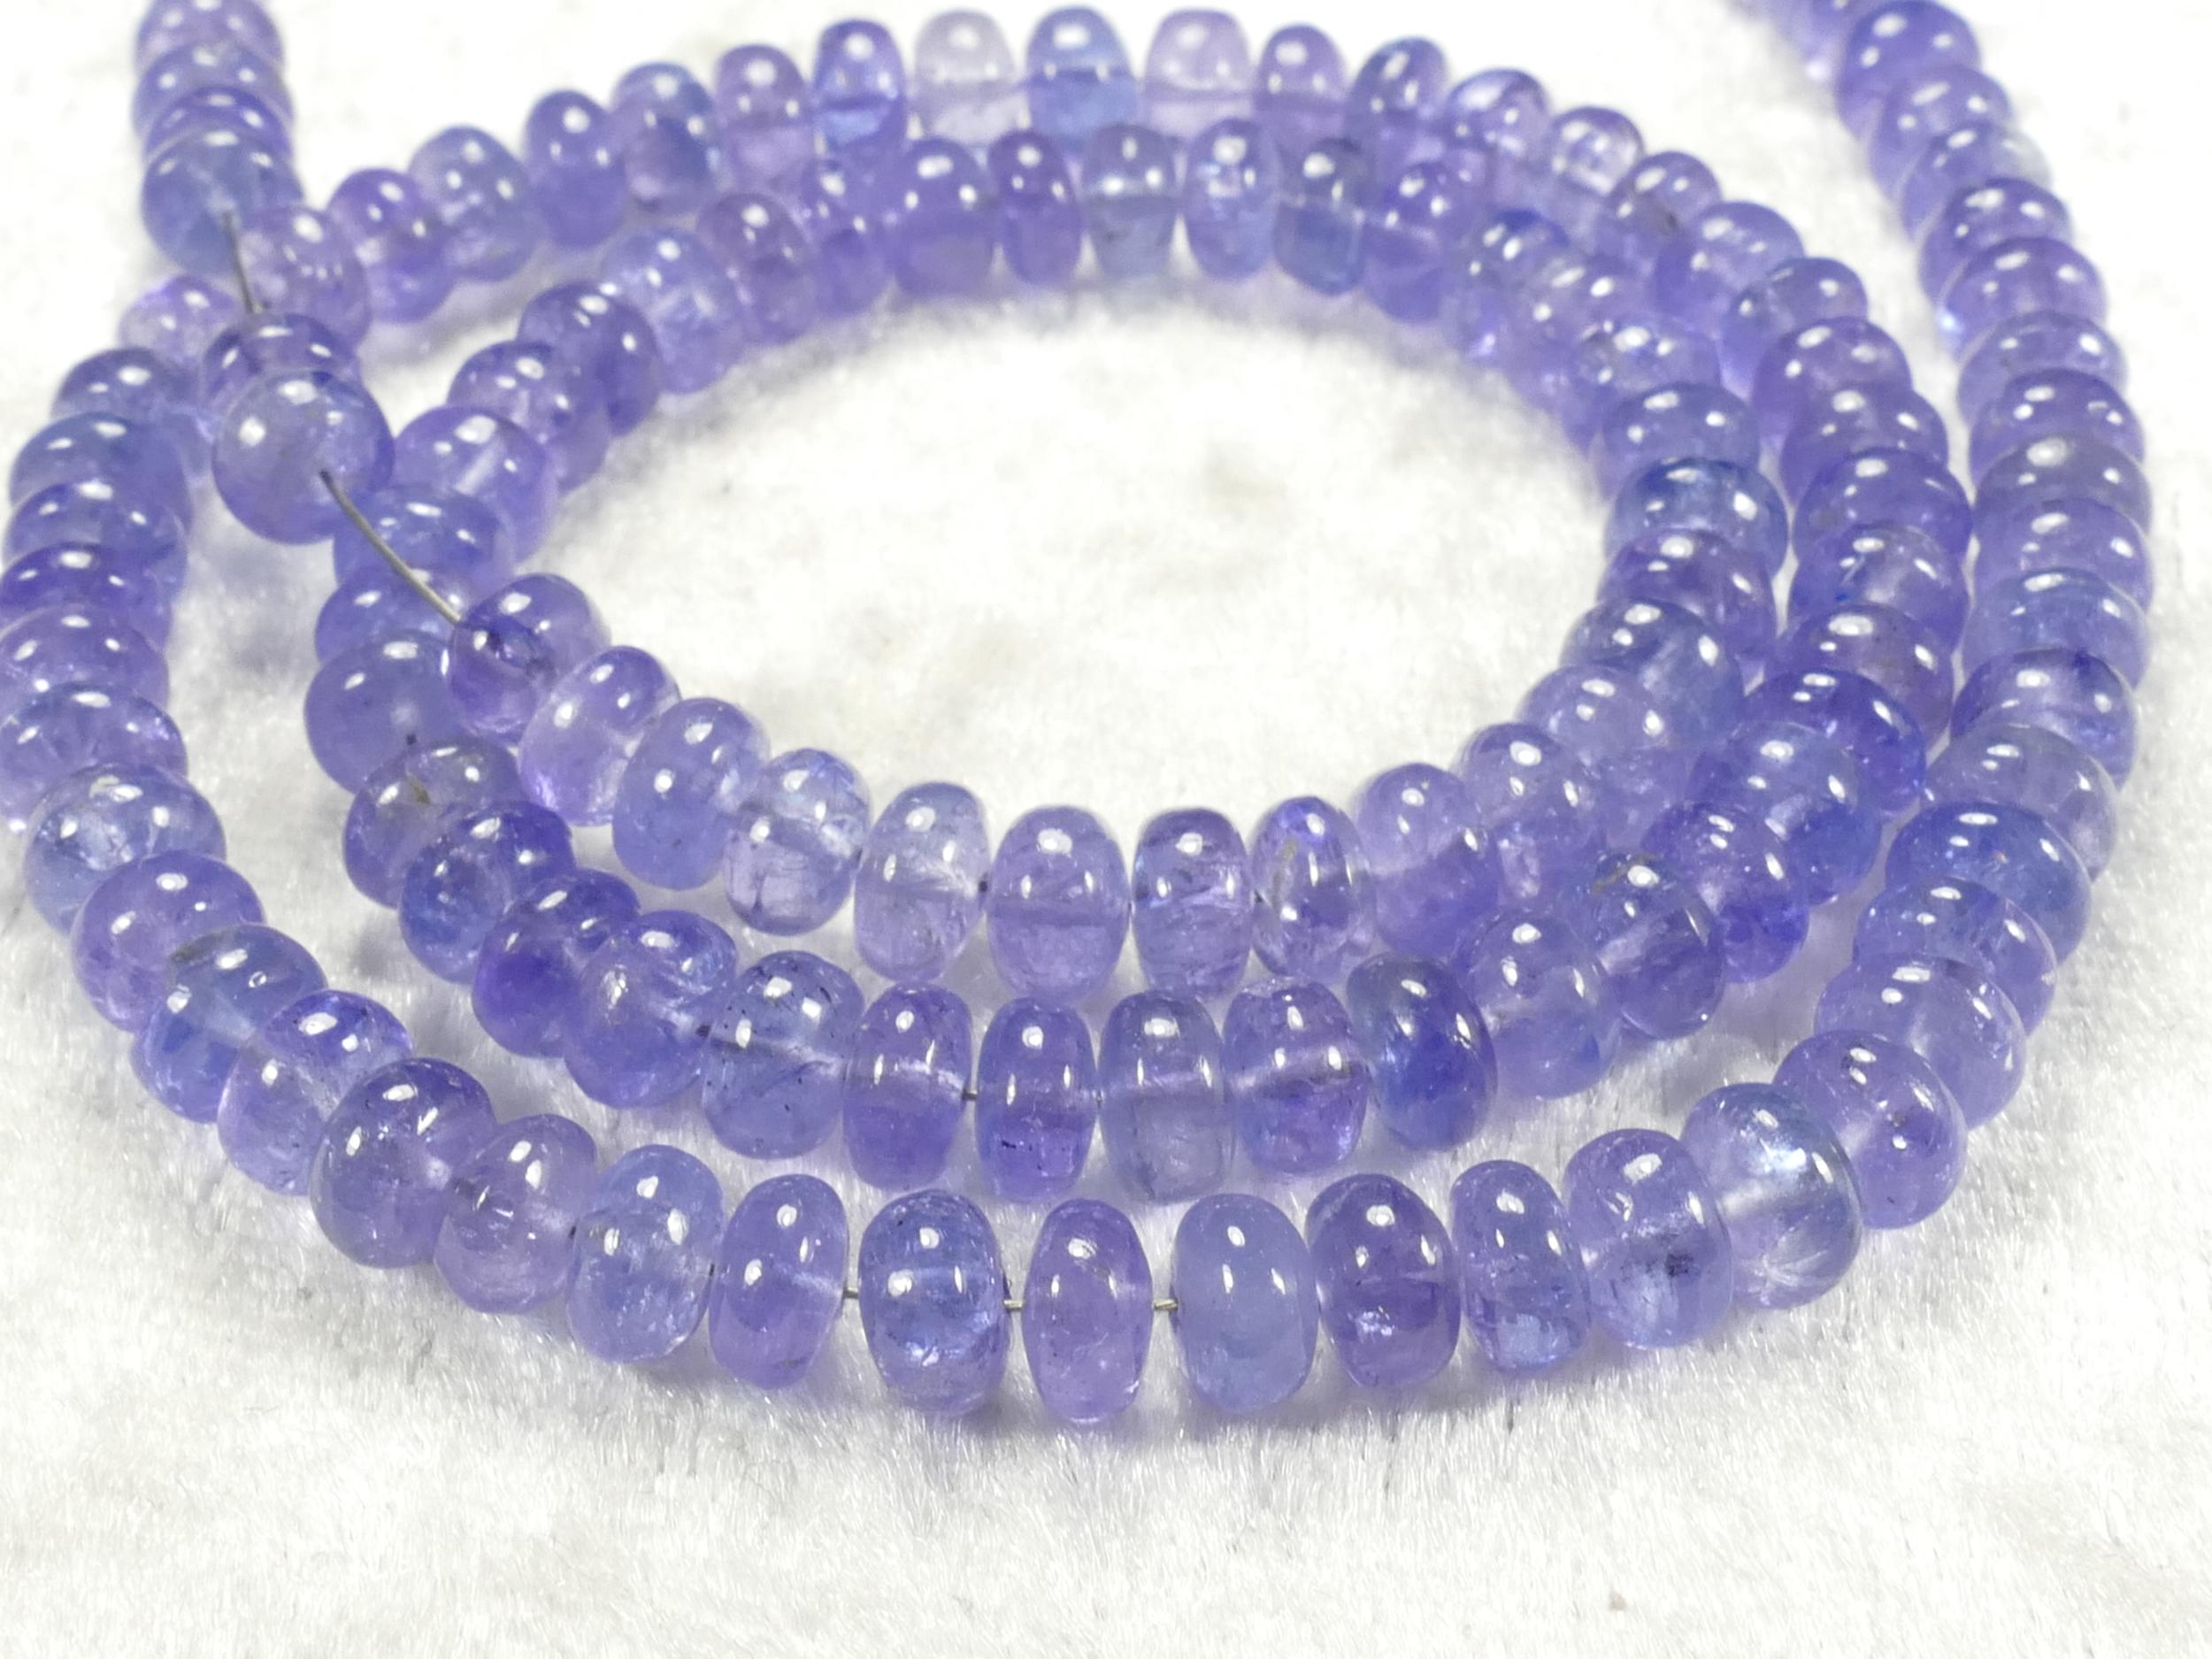 5.6/5.8mm x4 Perles de Tanzanite naturelle en rondelle lisse beau bleu violet (#AC566)